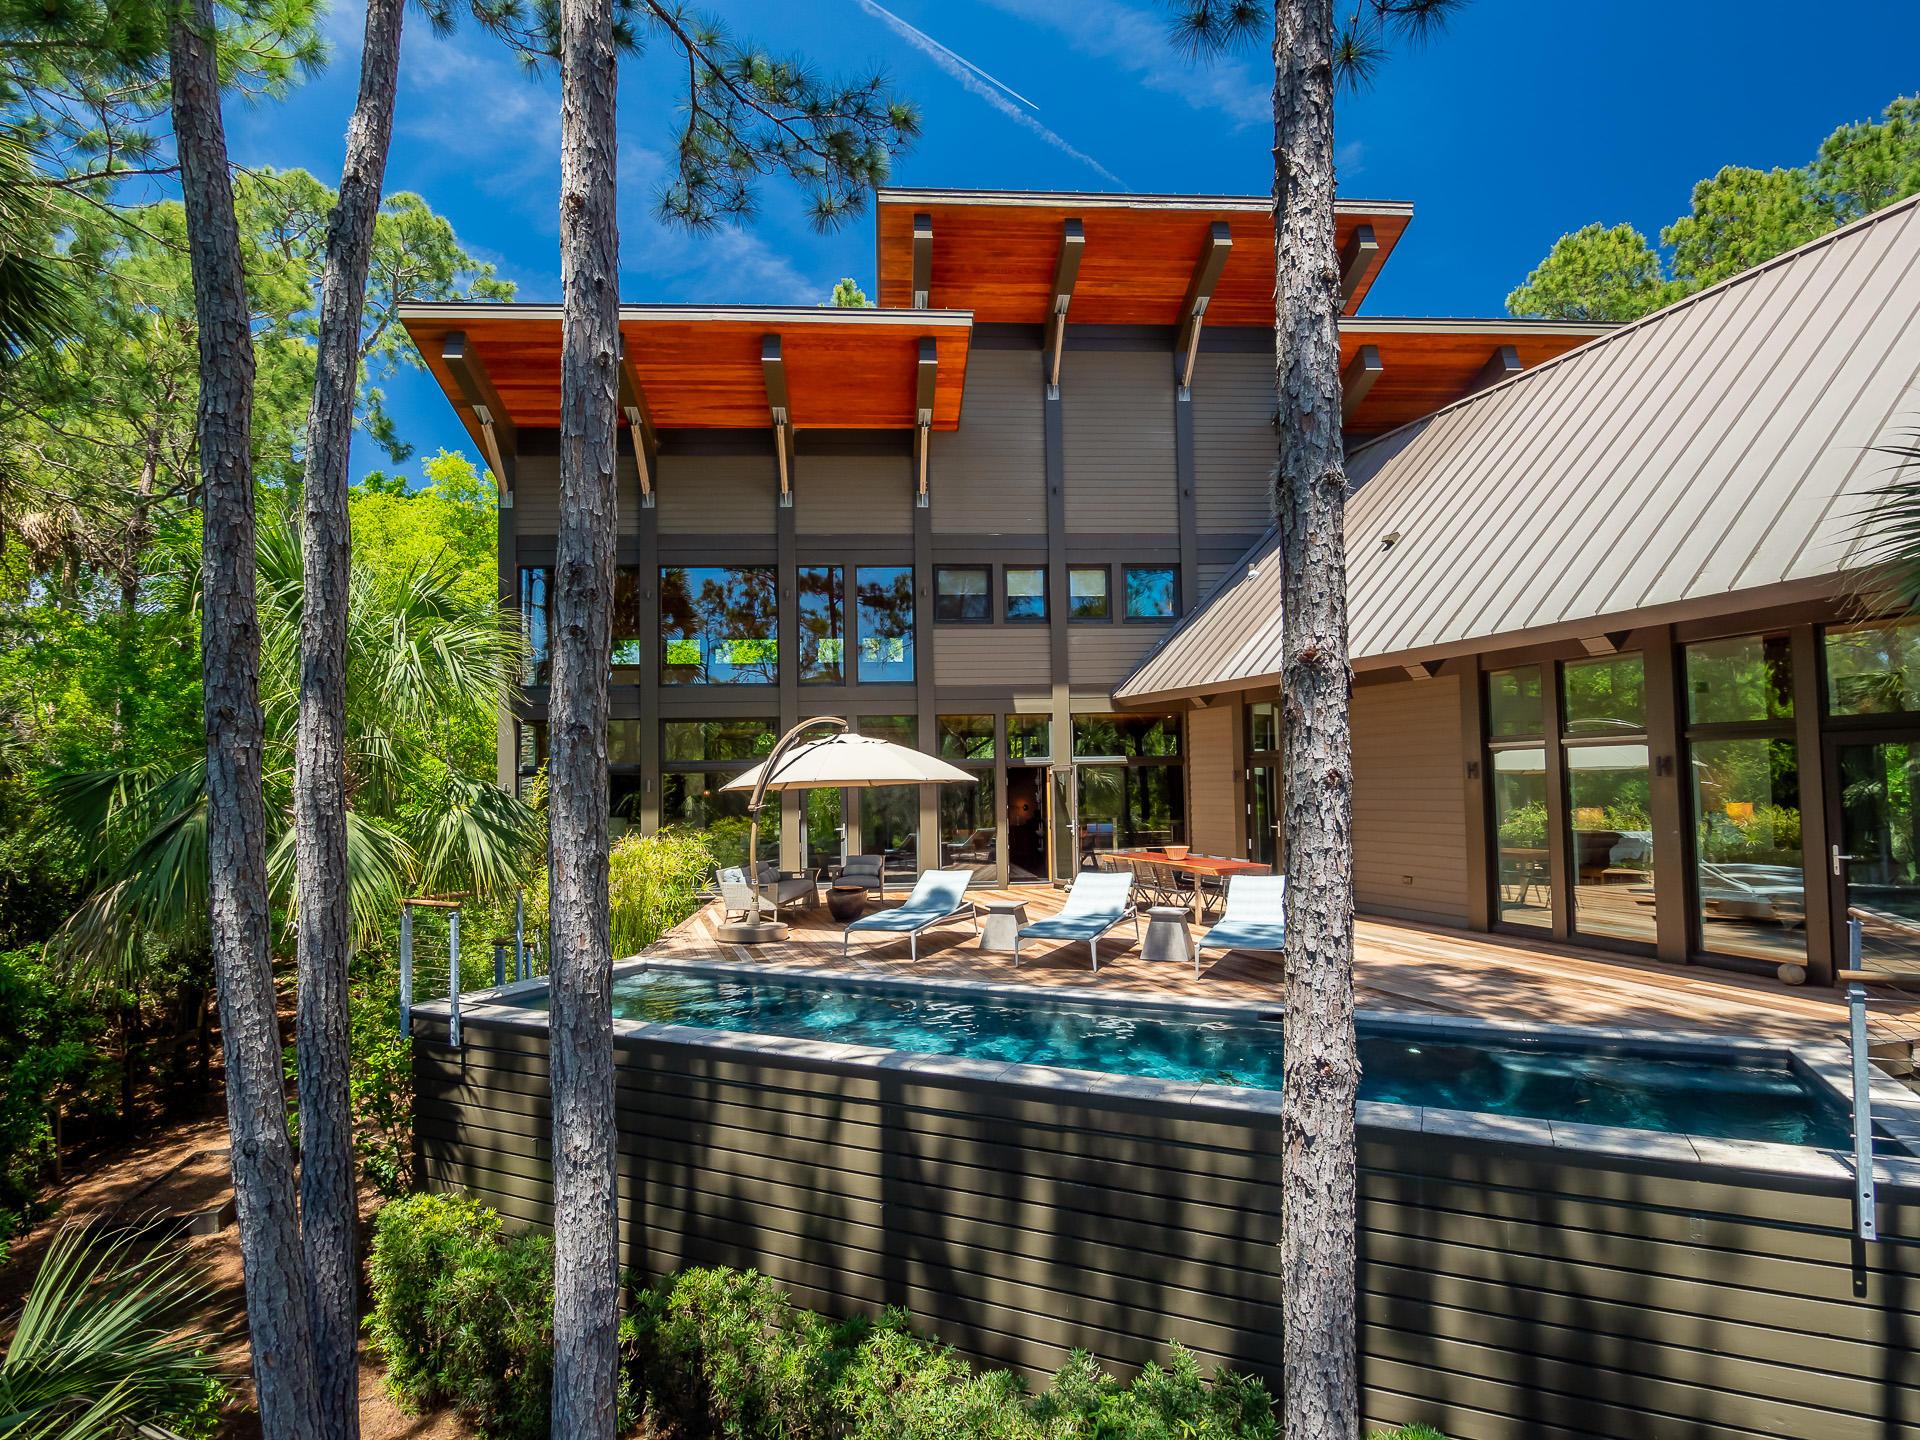 Kiawah Island Homes For Sale - 102 Blue Heron Pond, Kiawah Island, SC - 58